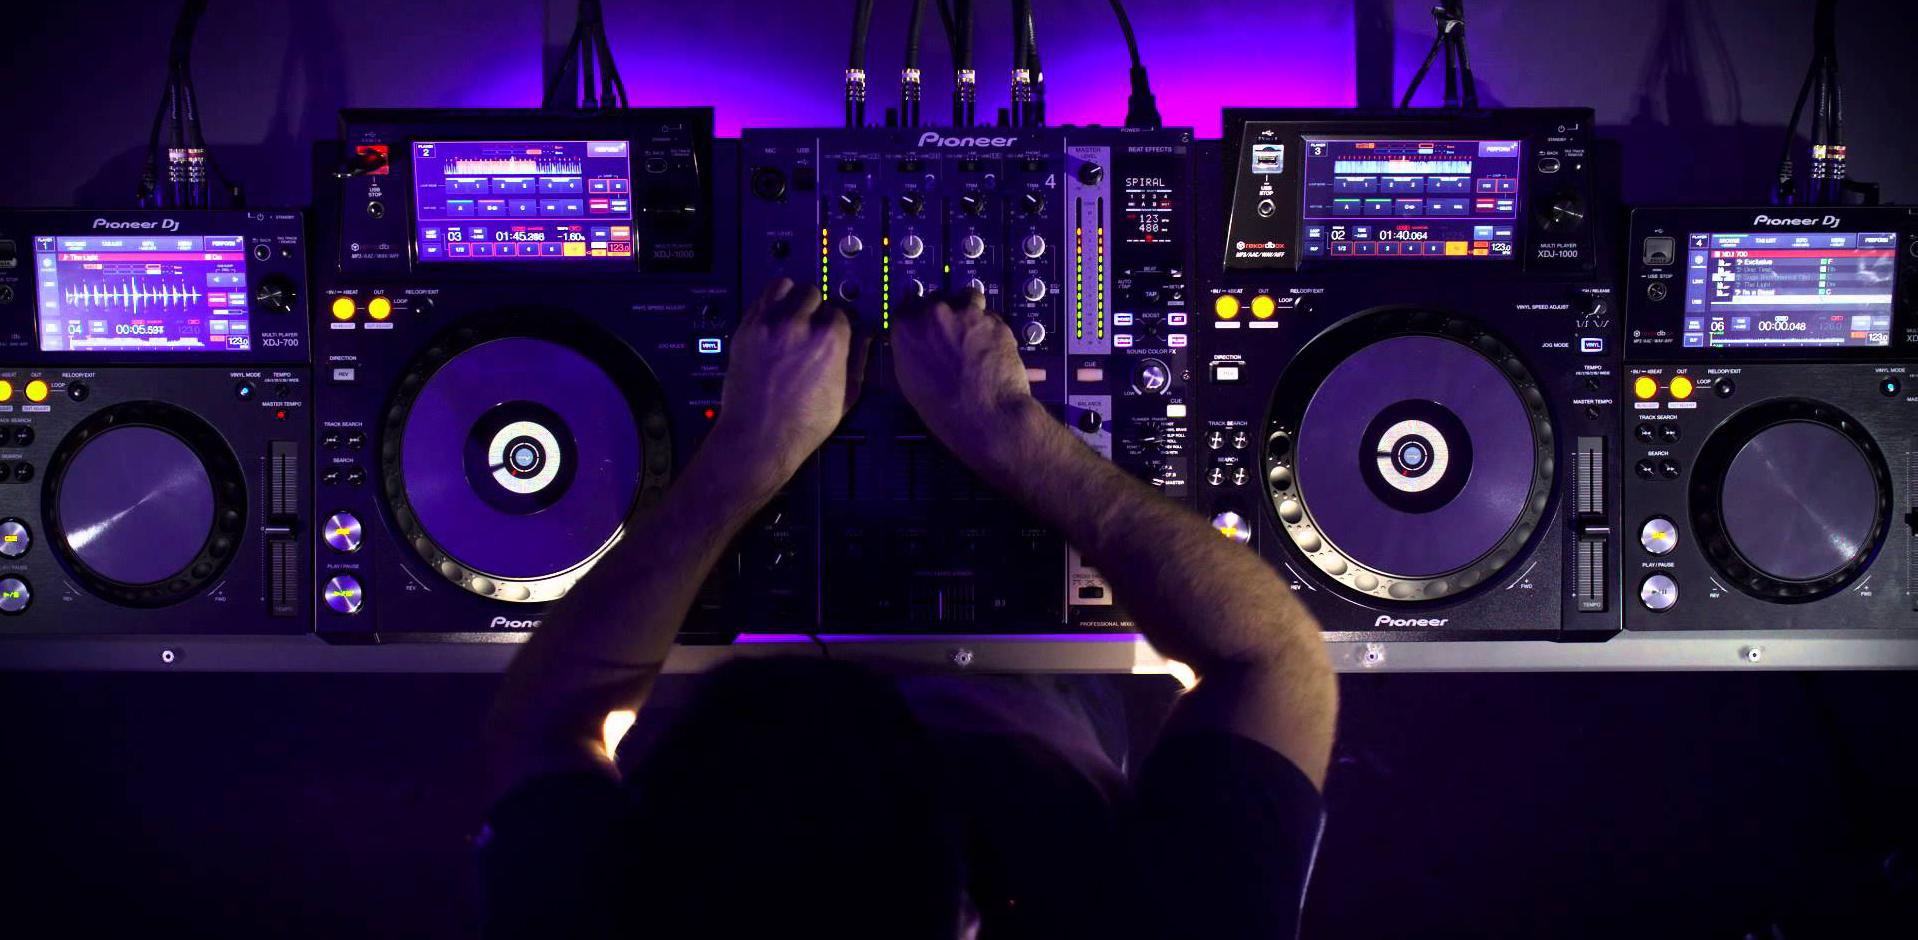 Rekordbox DJ, oui mais pourquoi ?